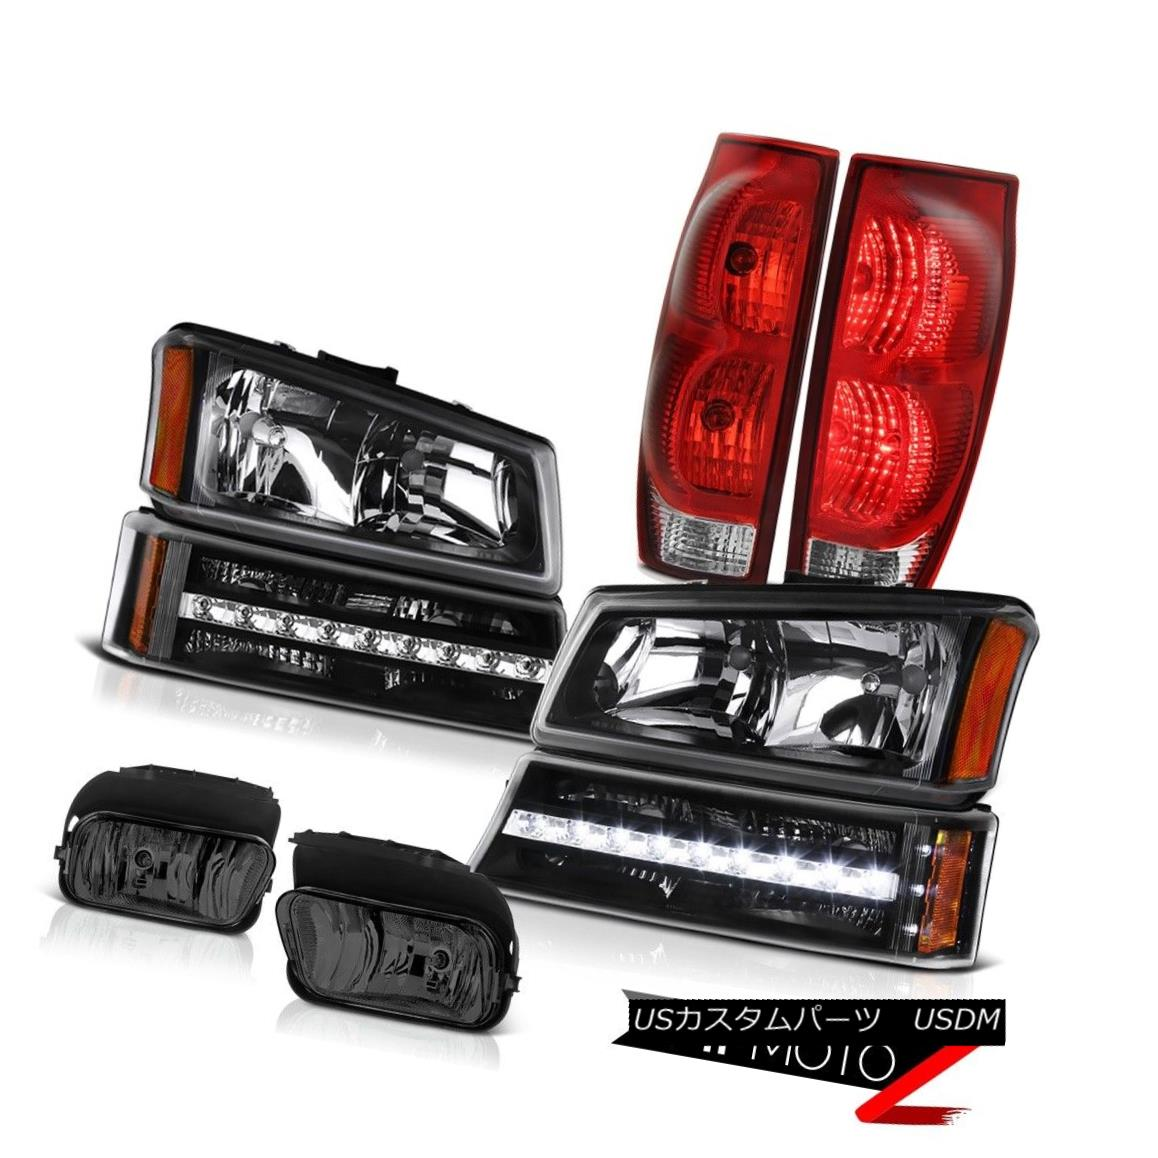 テールライト 2003-2006 Avalanche Foglamps Red Parking Brake Lights Tail Lamp Headlights LED 2003-2006雪崩のフォグランプレッドパーキングブレーキライトテールランプヘッドライトLED